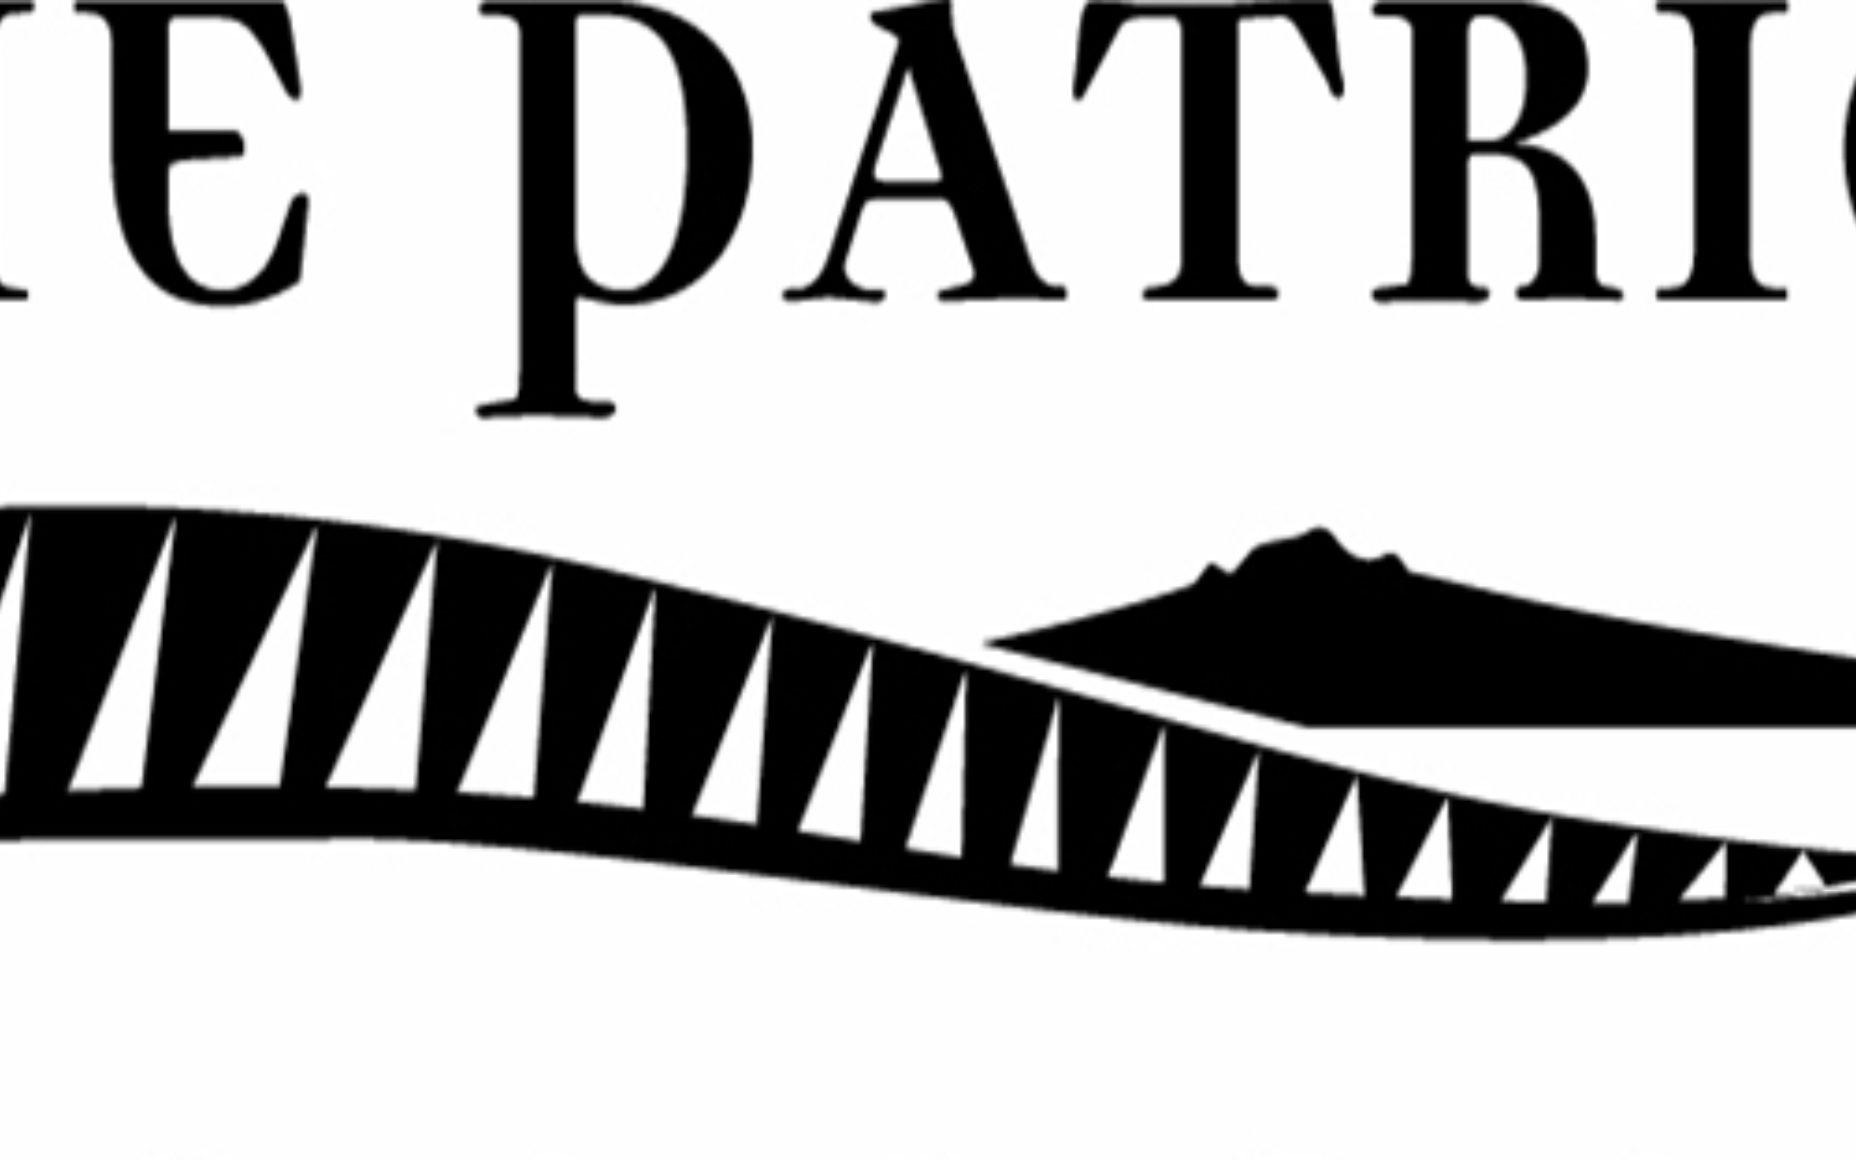 Patriot Plain